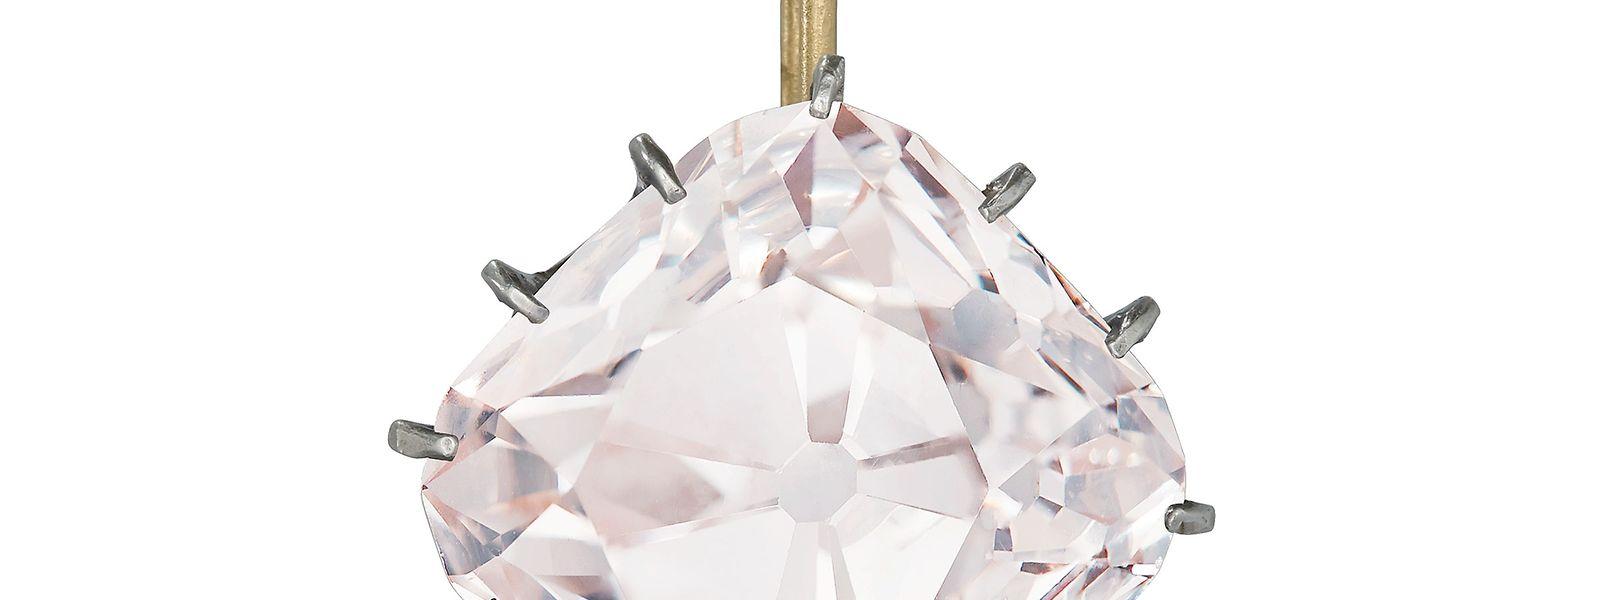 Der pinkfarbene Diamant sollte mindestens fünf Millionen Euro bringen.